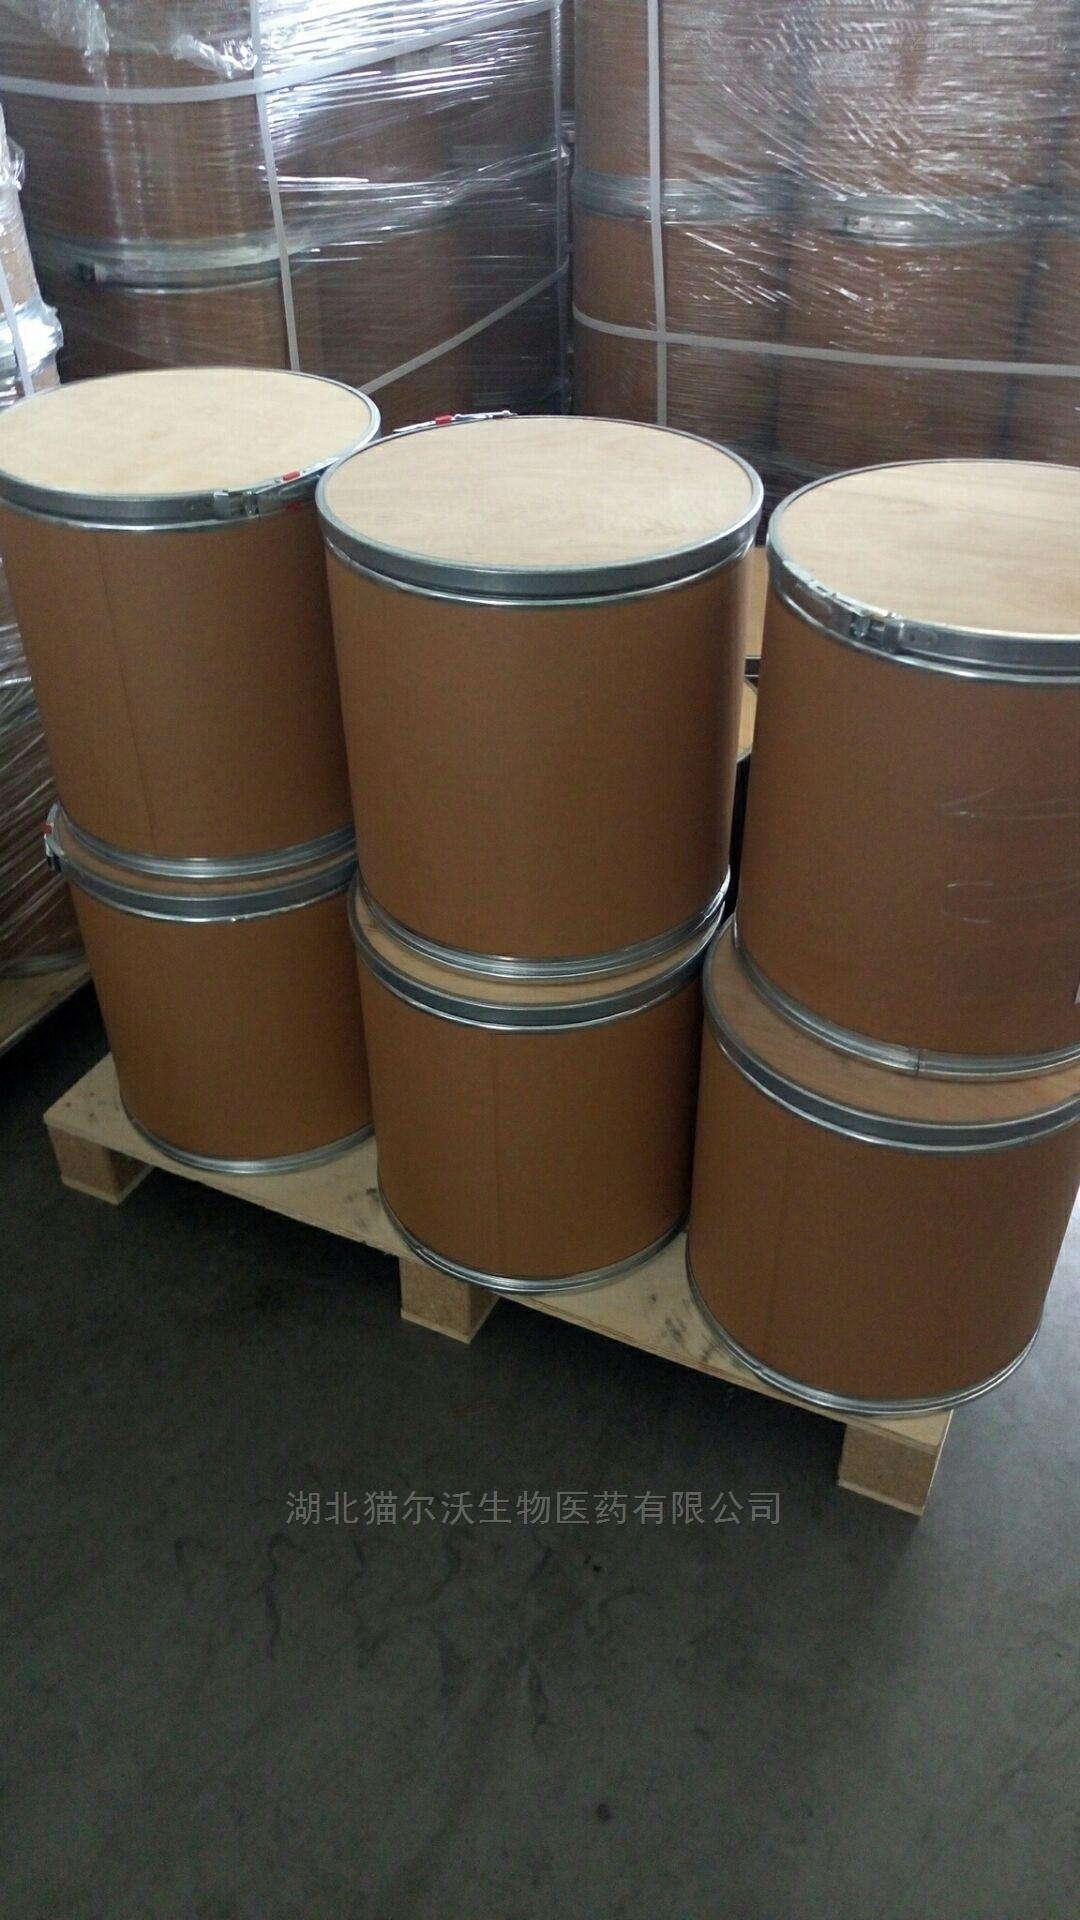 3,4-乙烯二氧噻吩原料(EDOT)国内厂家